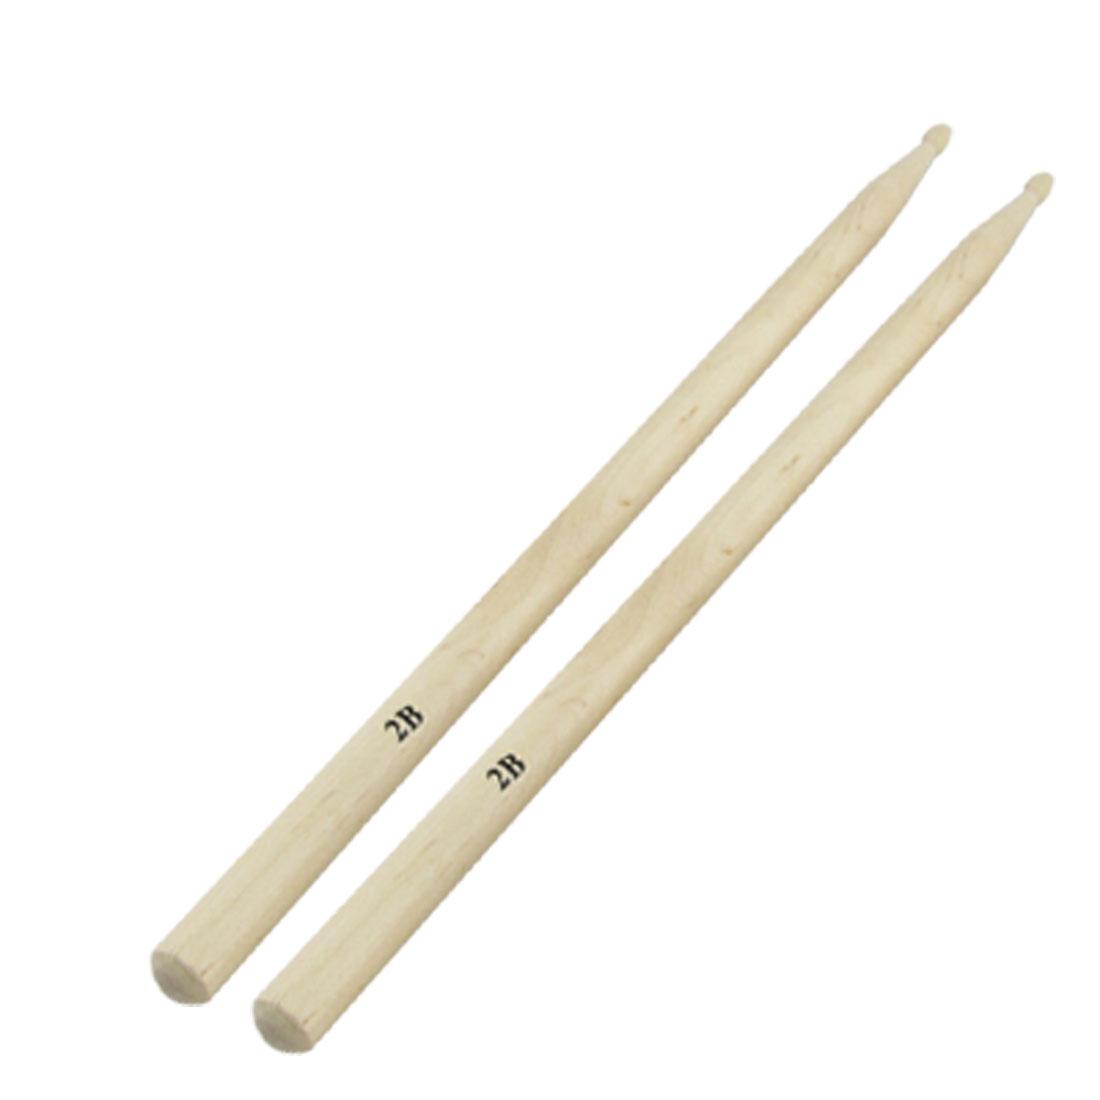 Rhythm Band 2B Wooden Jazz Drum Sticks Drumsticks Pair